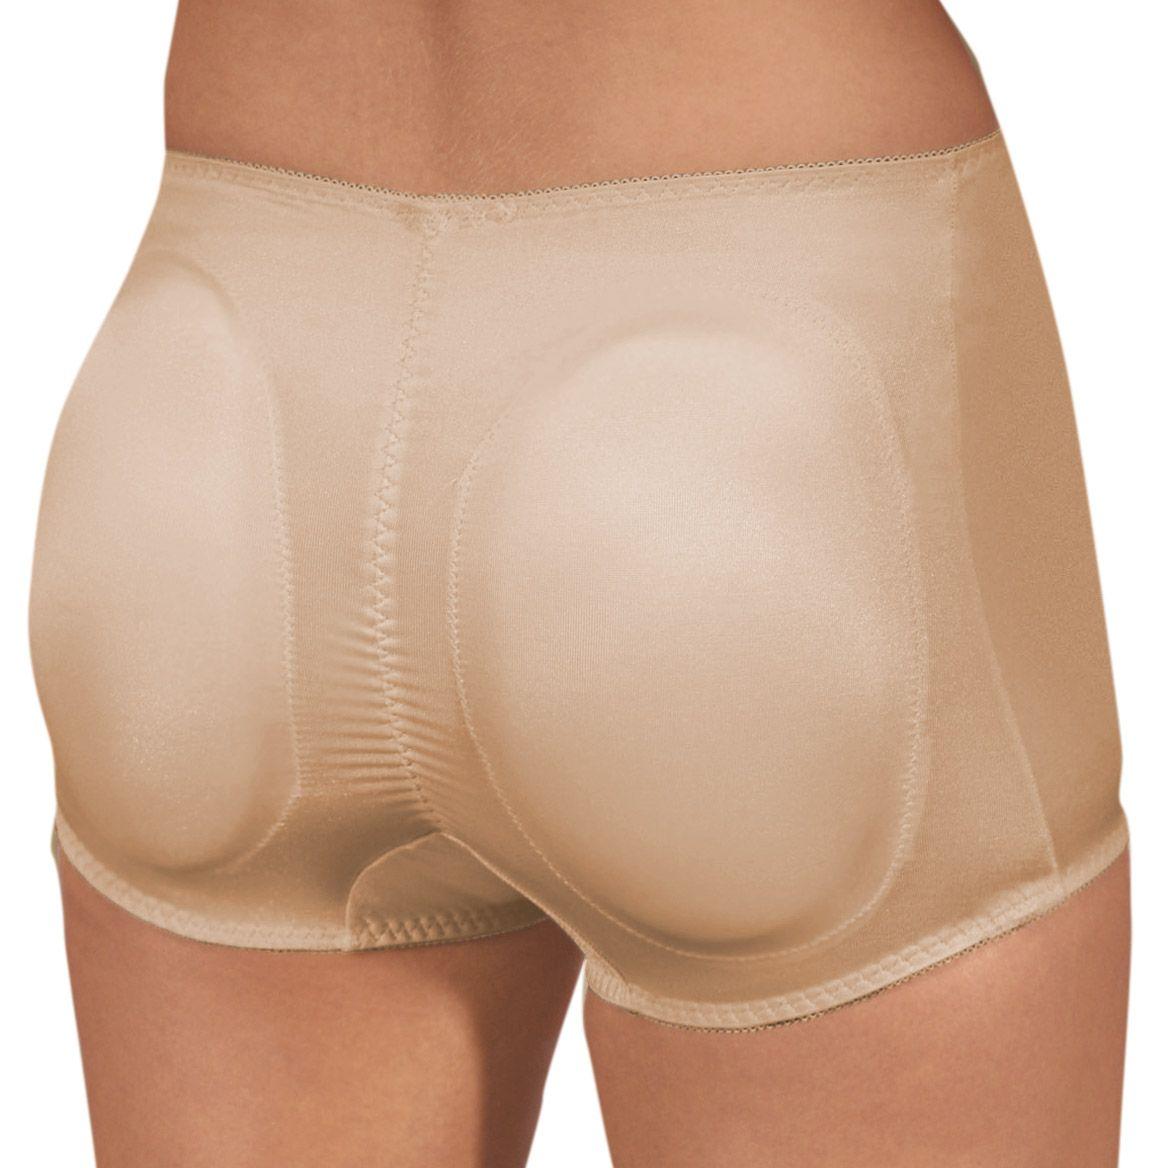 Padded Underwear-304936